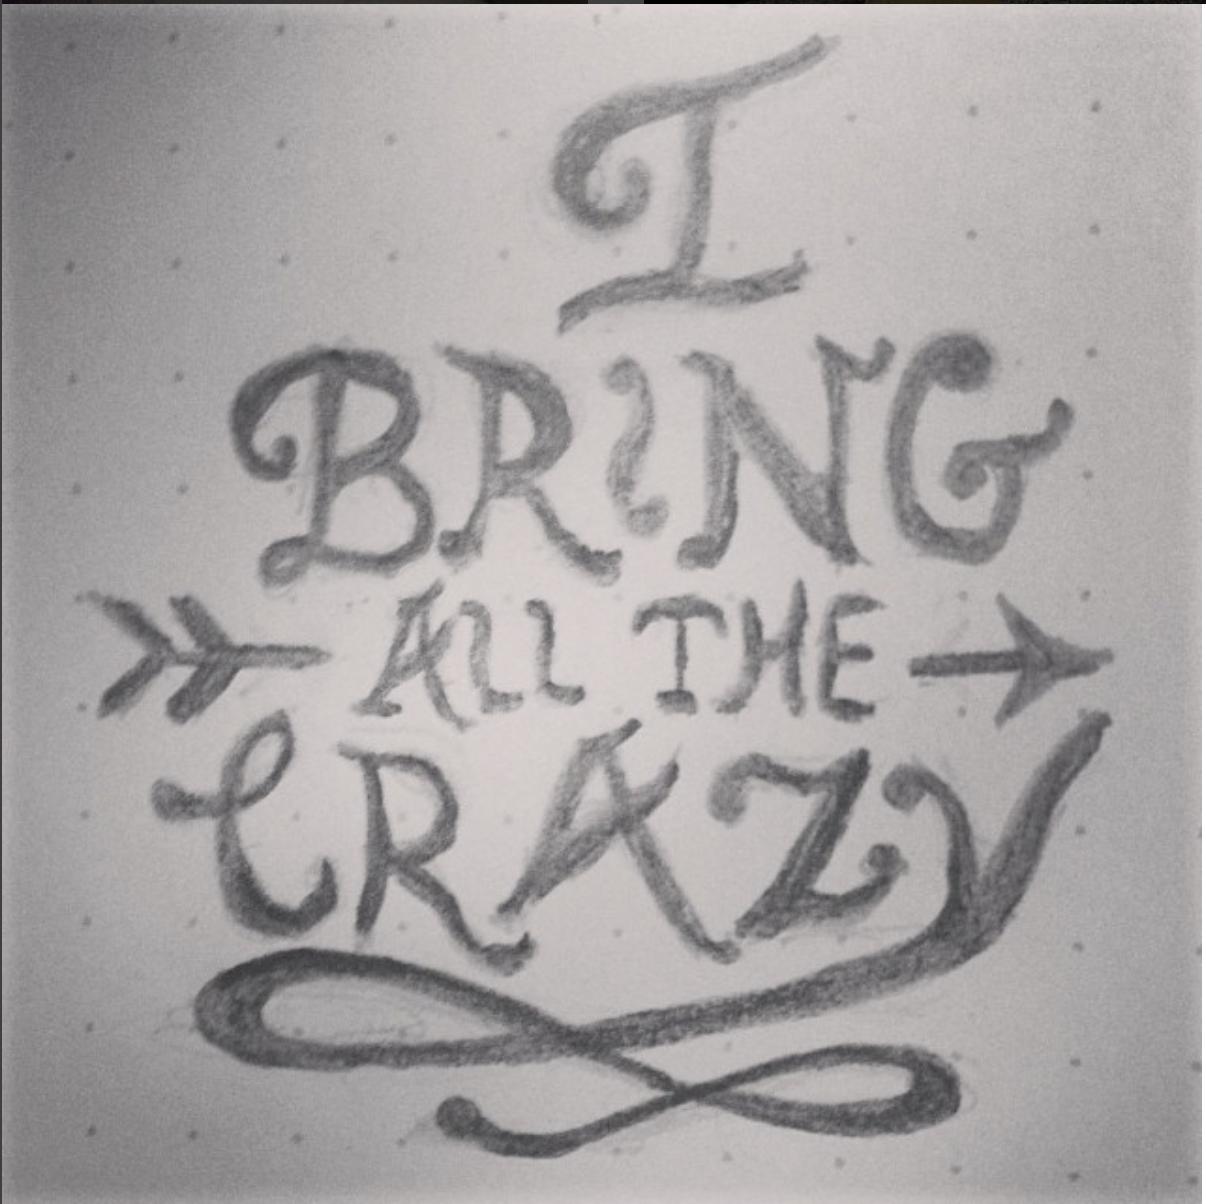 Bring The Crazy Sketch